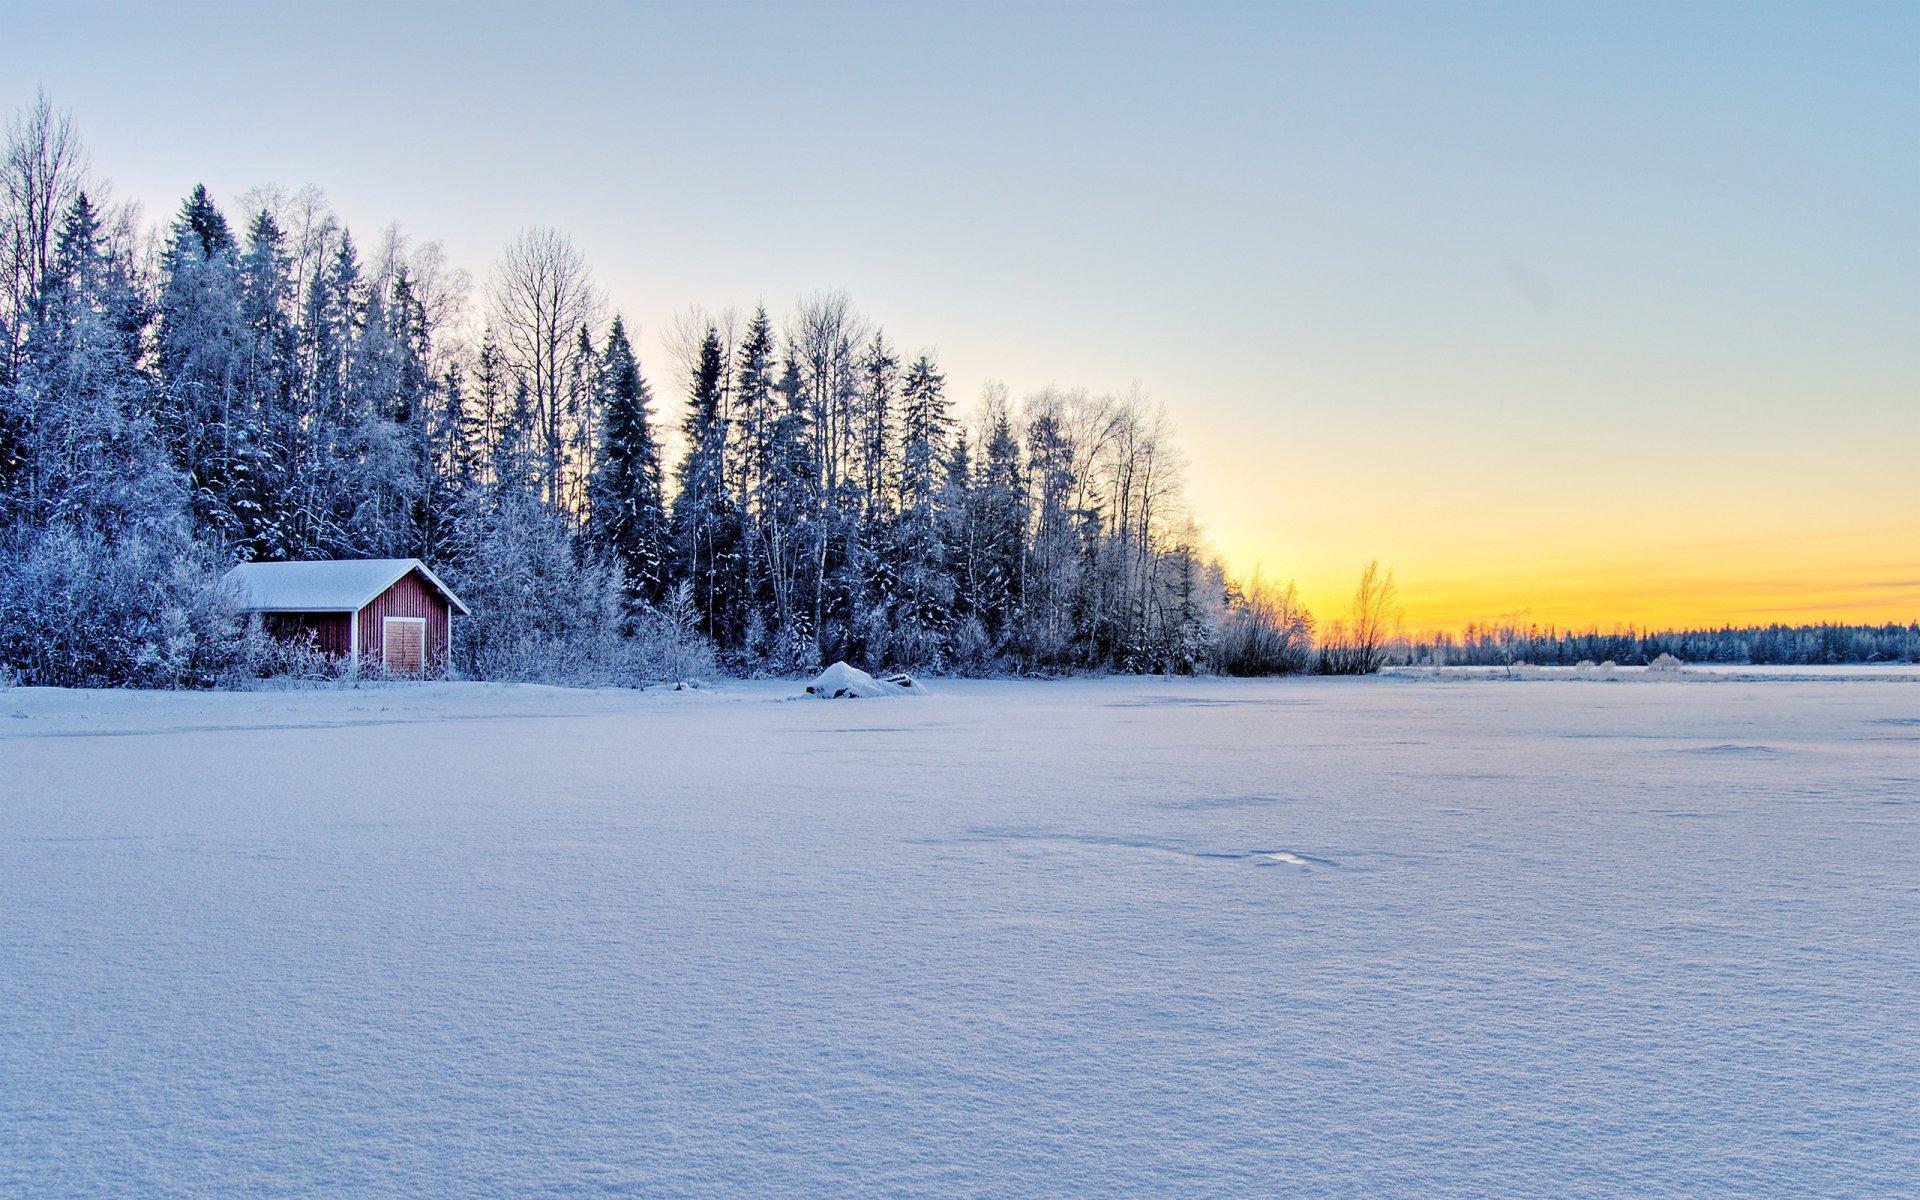 Зимний пейзаж дом в лесу фото